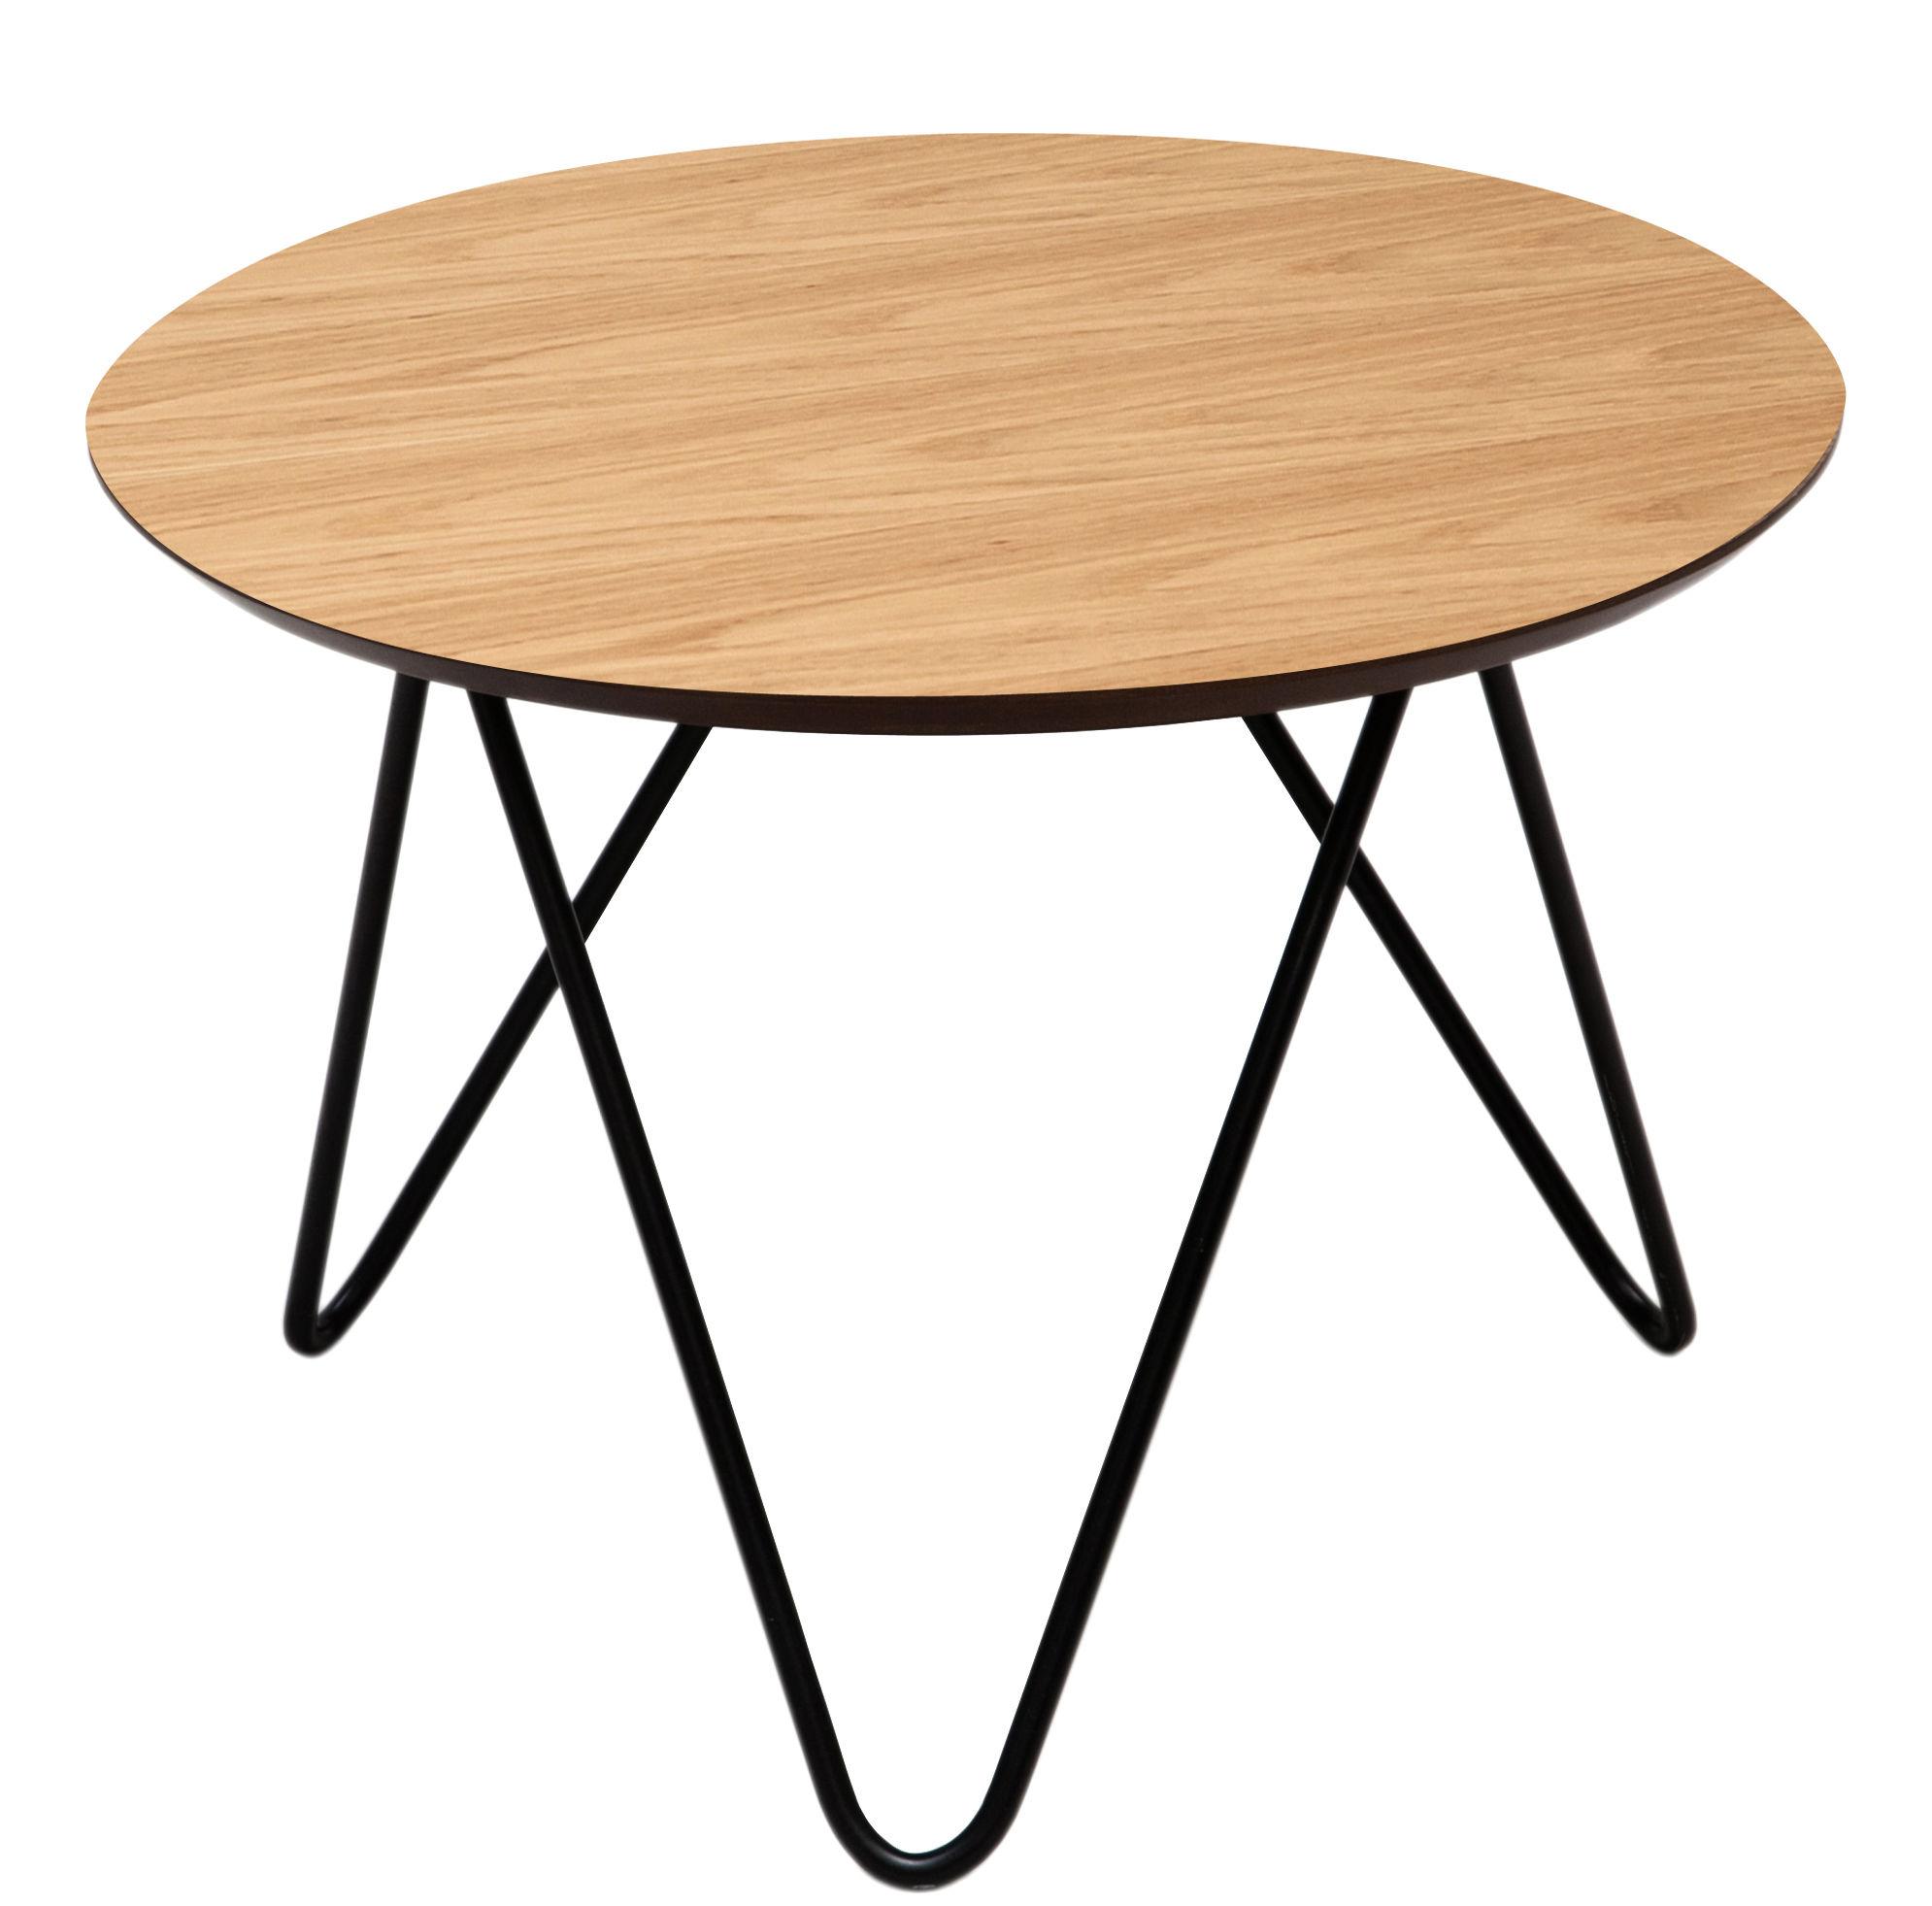 Table Basse Bergerac Mod Le Bas H 30 Cm Noir Ch Ne